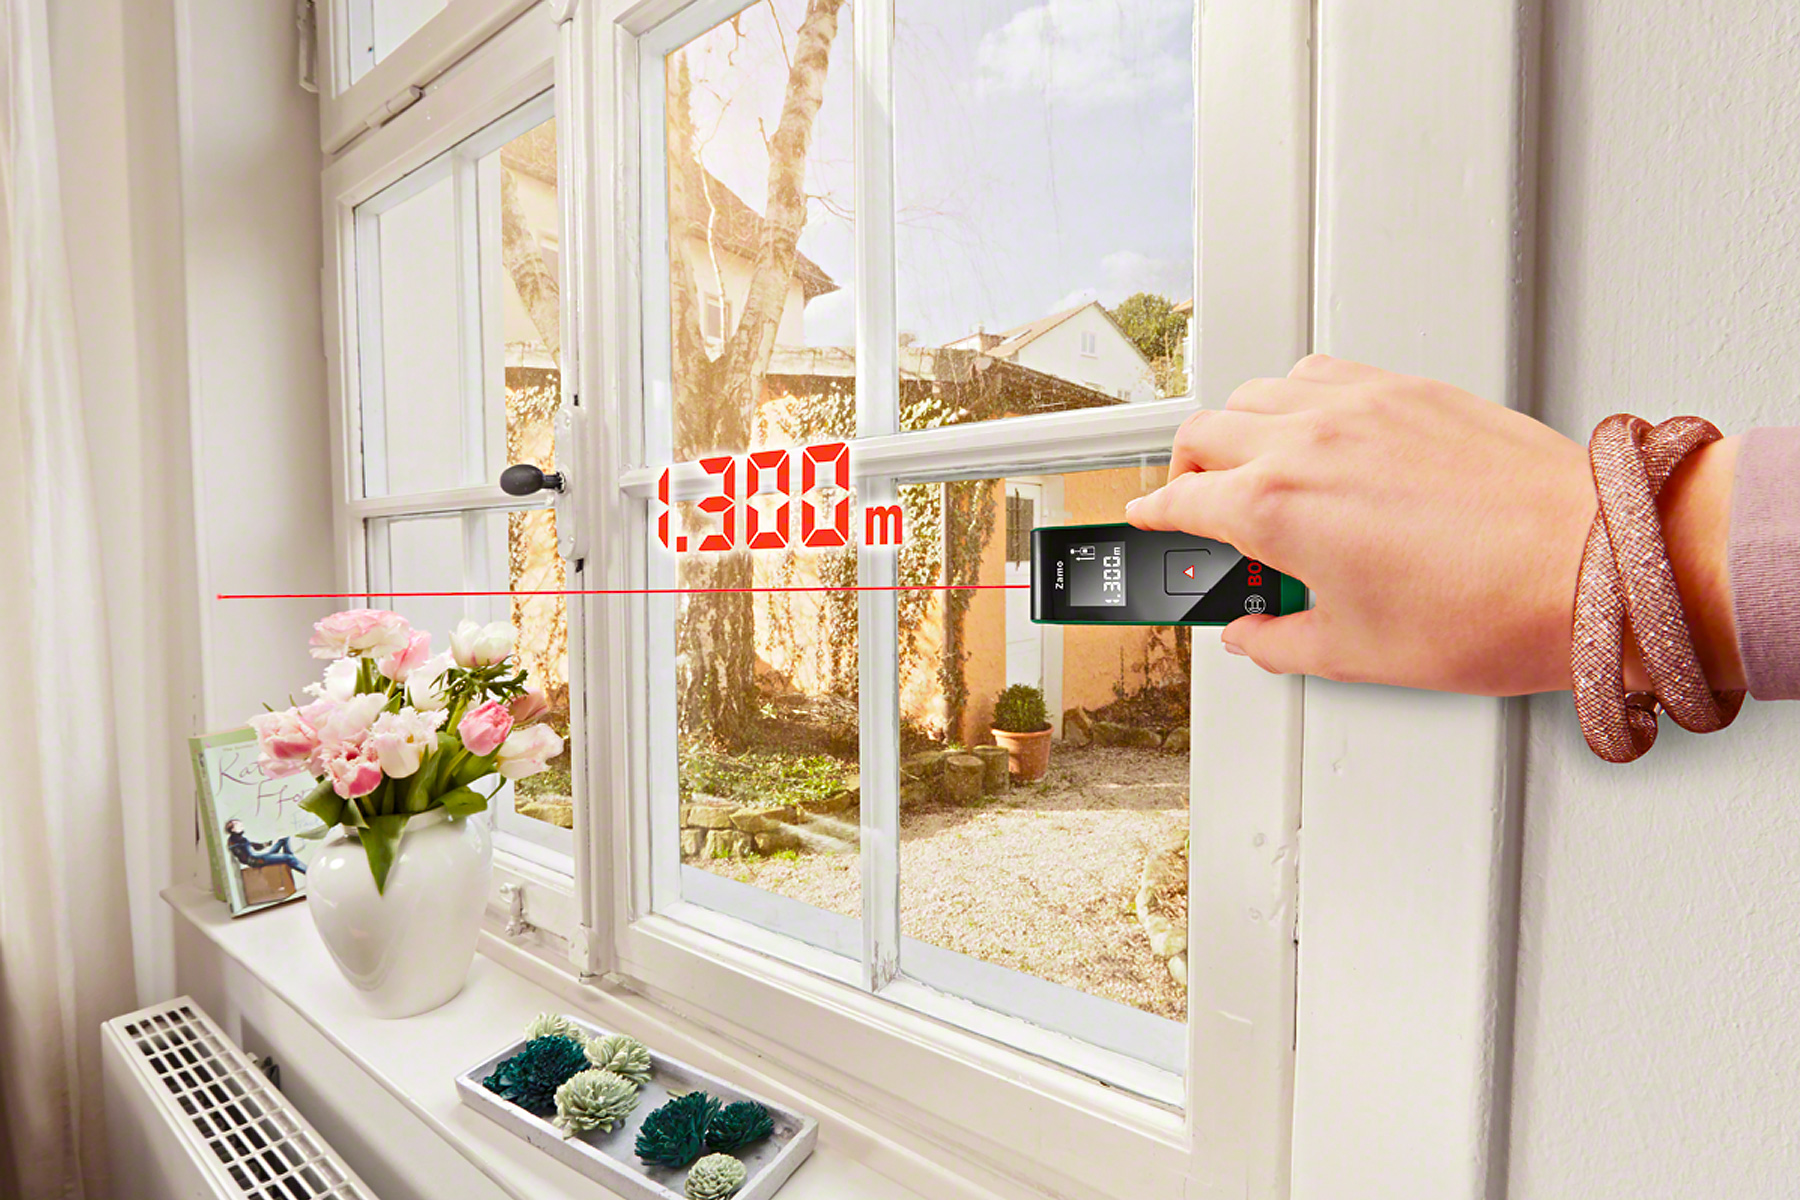 Bosch Laser Entfernungsmesser Grün Oder Blau : Laser entfernungsmesser zamo von bosch vorhangbox